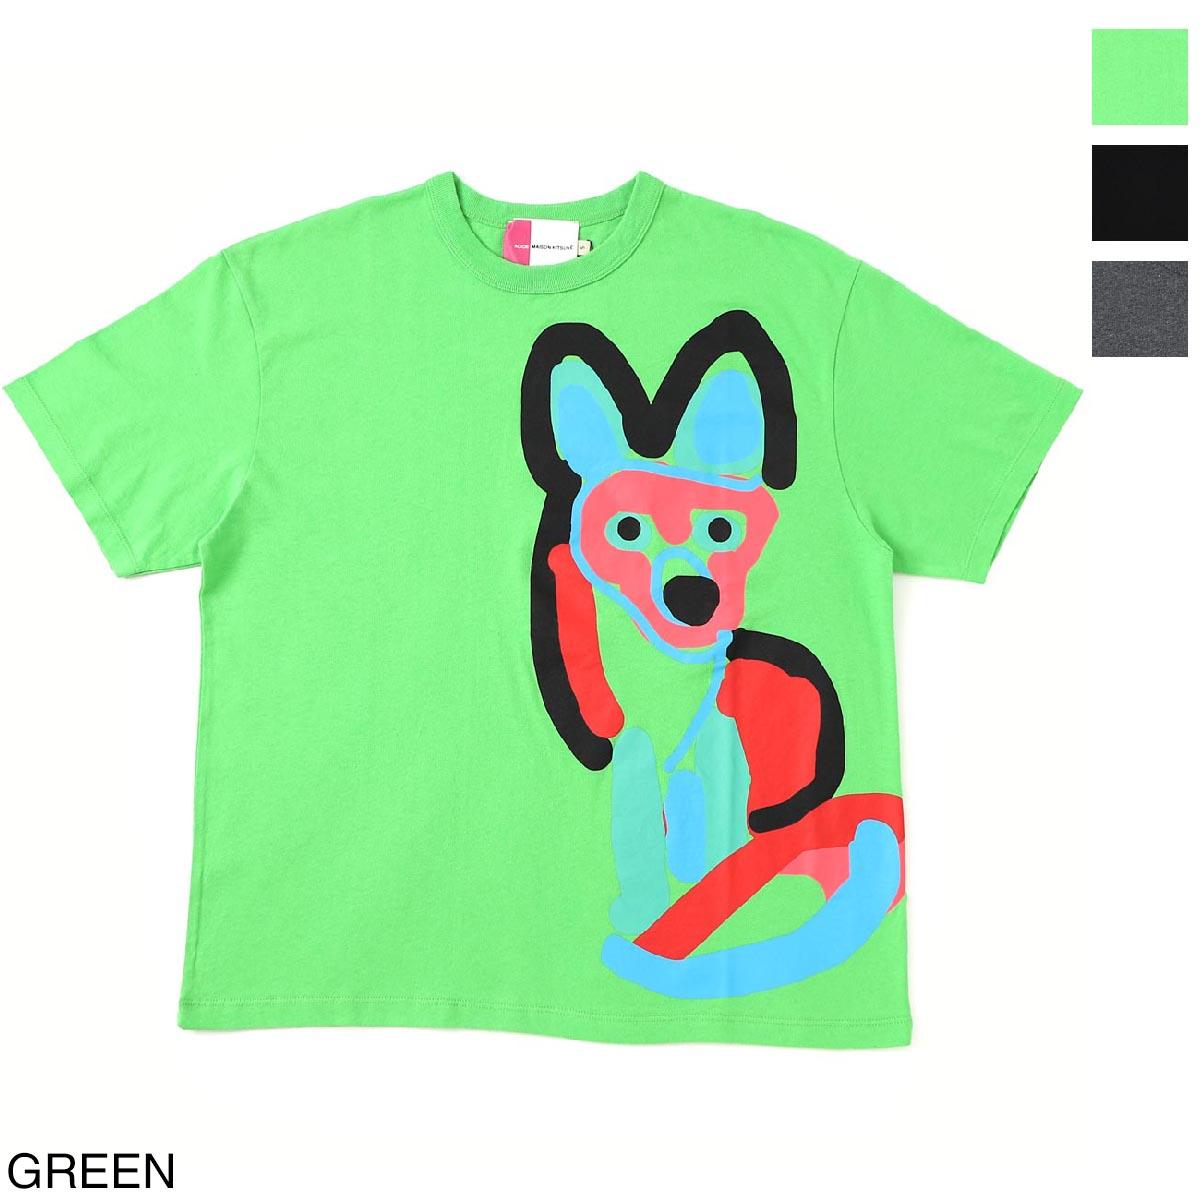 メゾンキツネ MAISON KITSUNE クルーネックTシャツ メンズ レディース eu00172kj0050 gn ACIDE【あす楽対応_関東】【返品送料無料】【ラッピング無料】